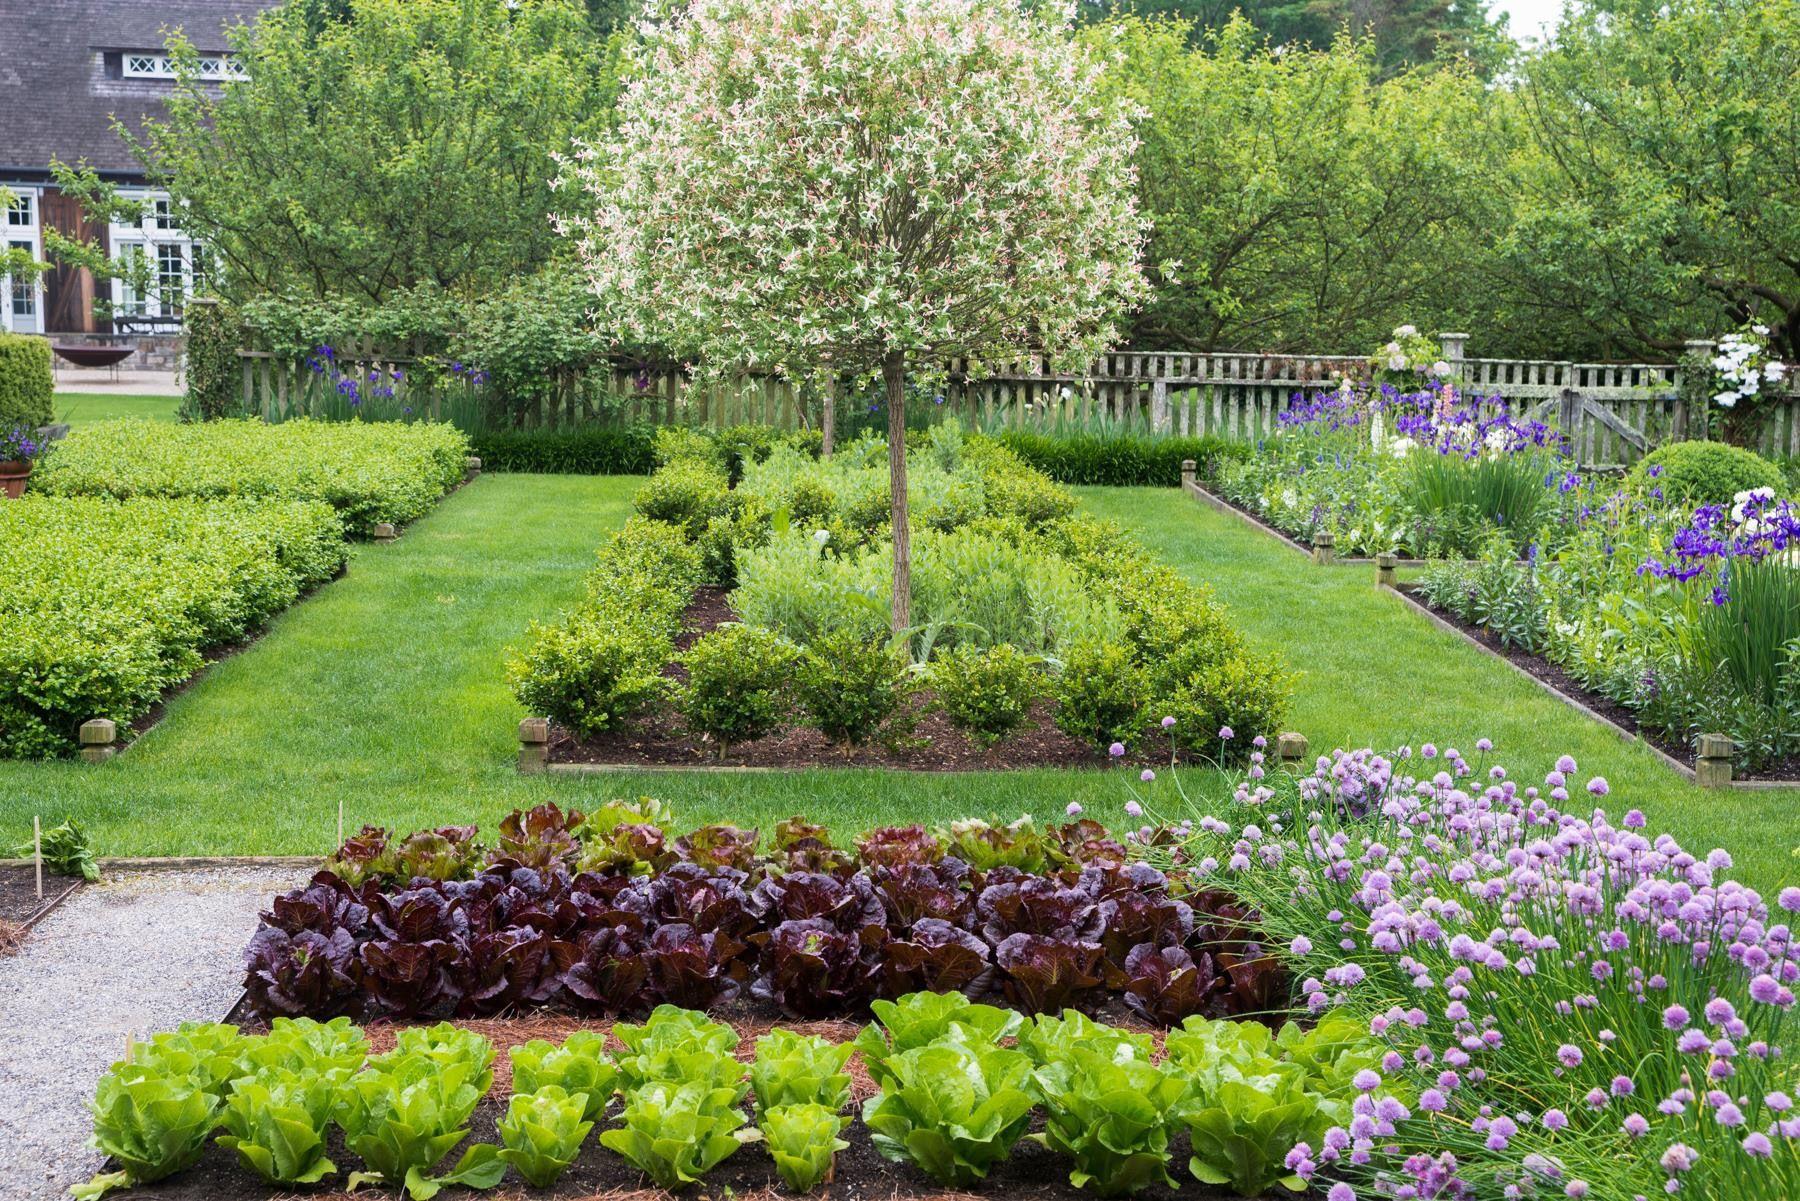 Vogel Garten Schön Ina Garten S Garden with Images